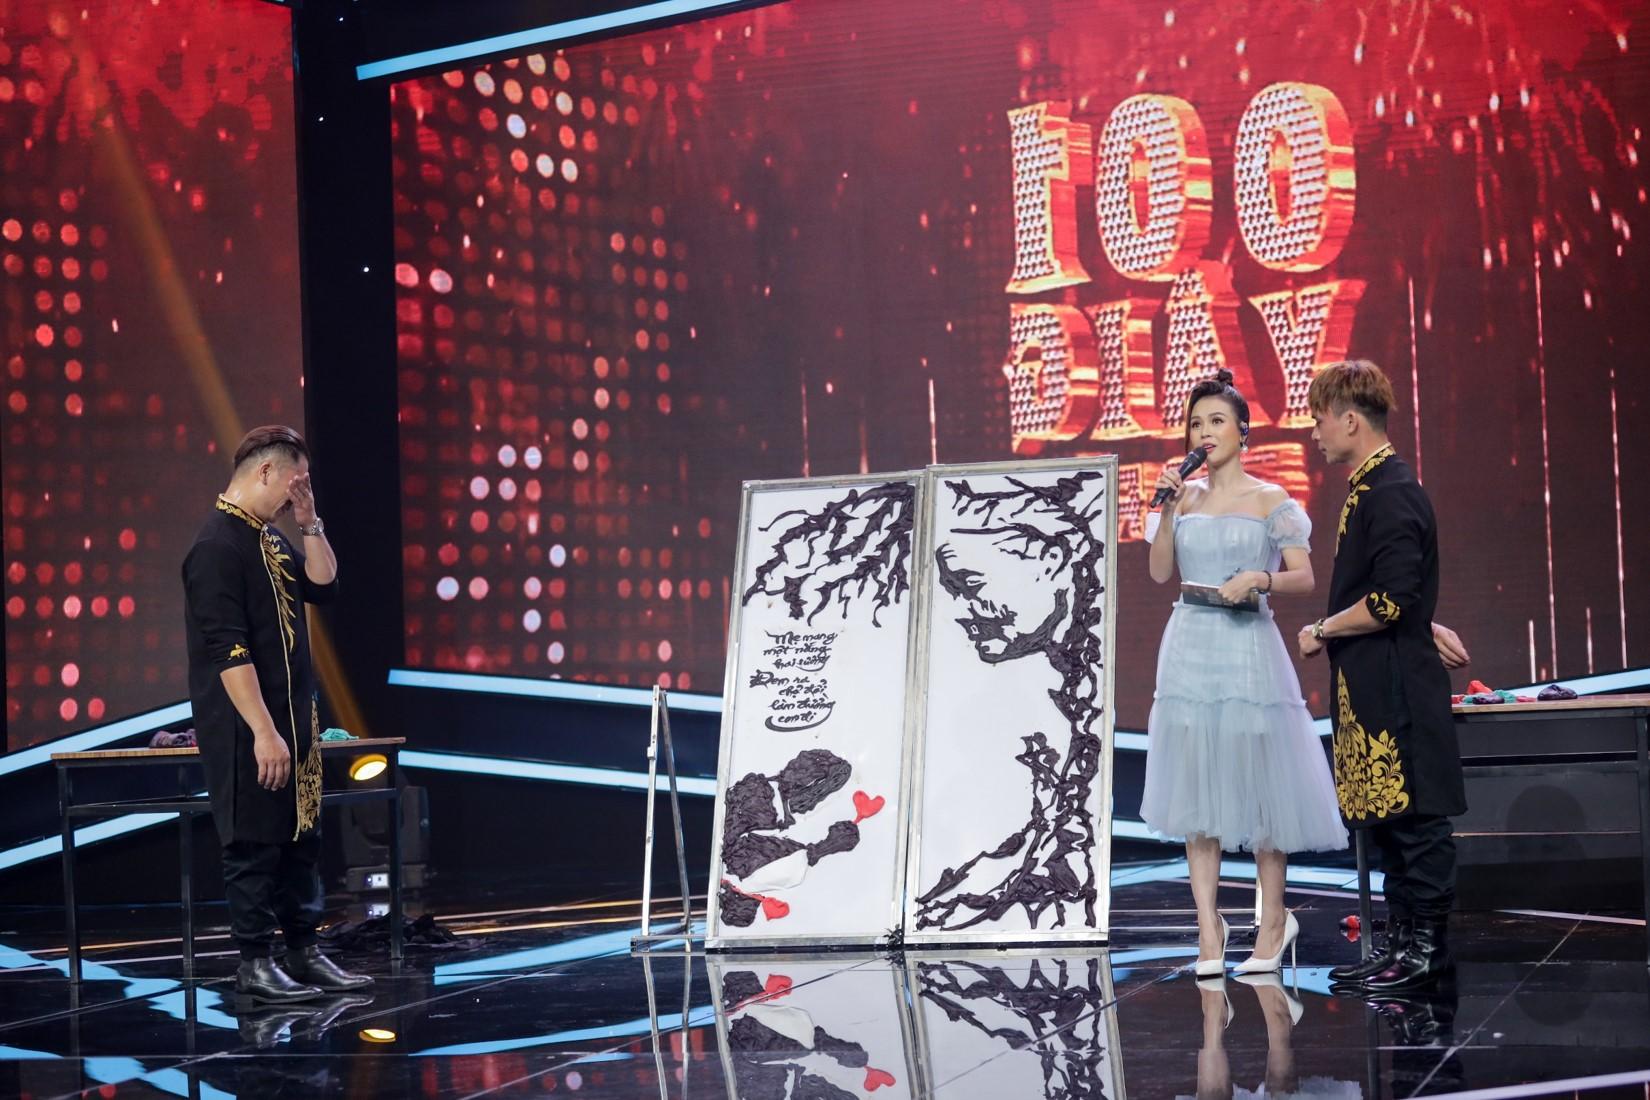 Đang hát, nam ca sĩ bị fan nữ lên sân khấu làm điều bất ngờ - 8